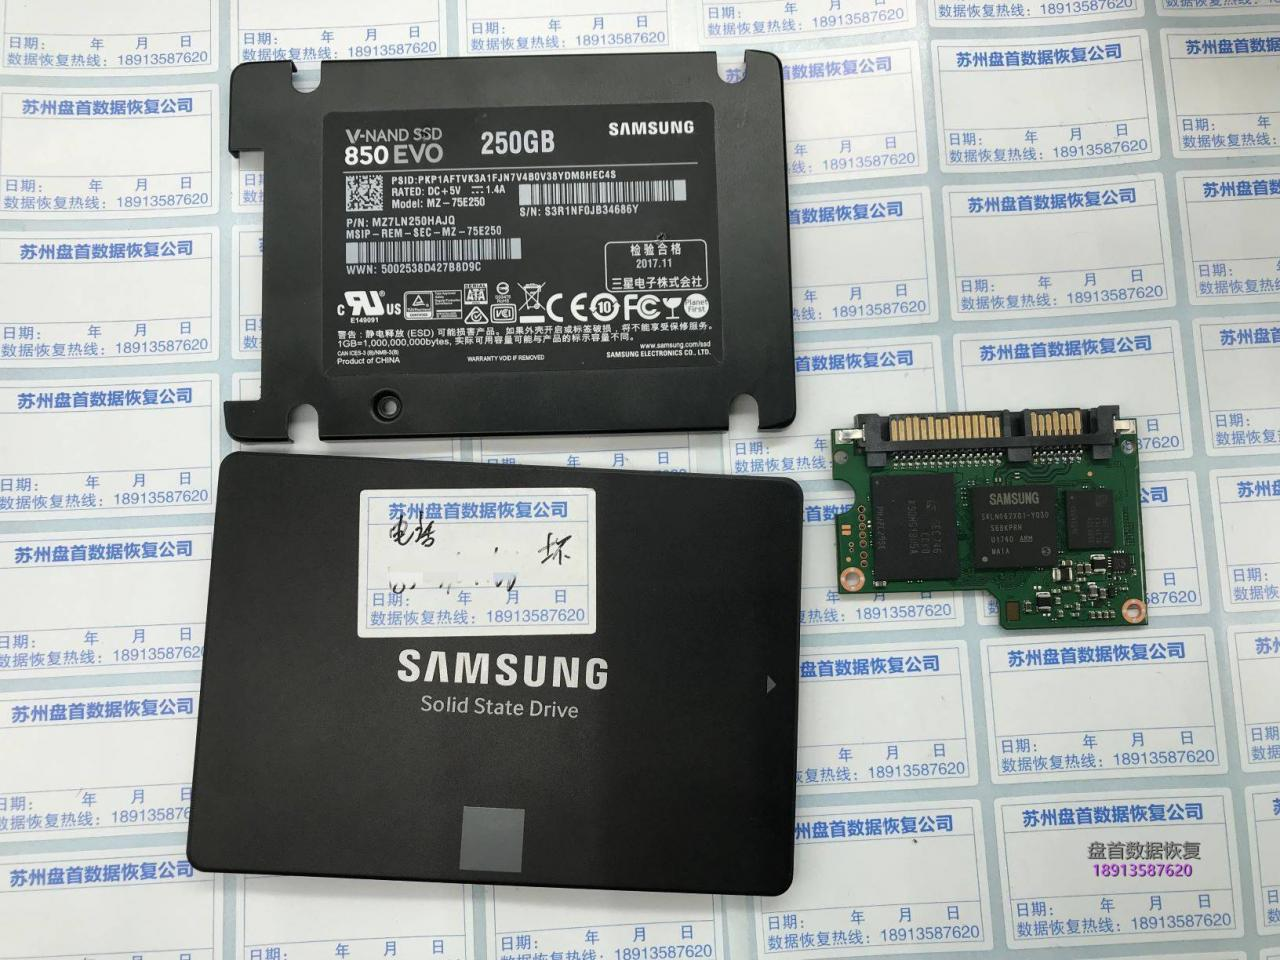 MZ-75E250三星850 EVO主控型号S4LN062X01-Y030主控短路温度过高电流过高芯片级数据恢复成功